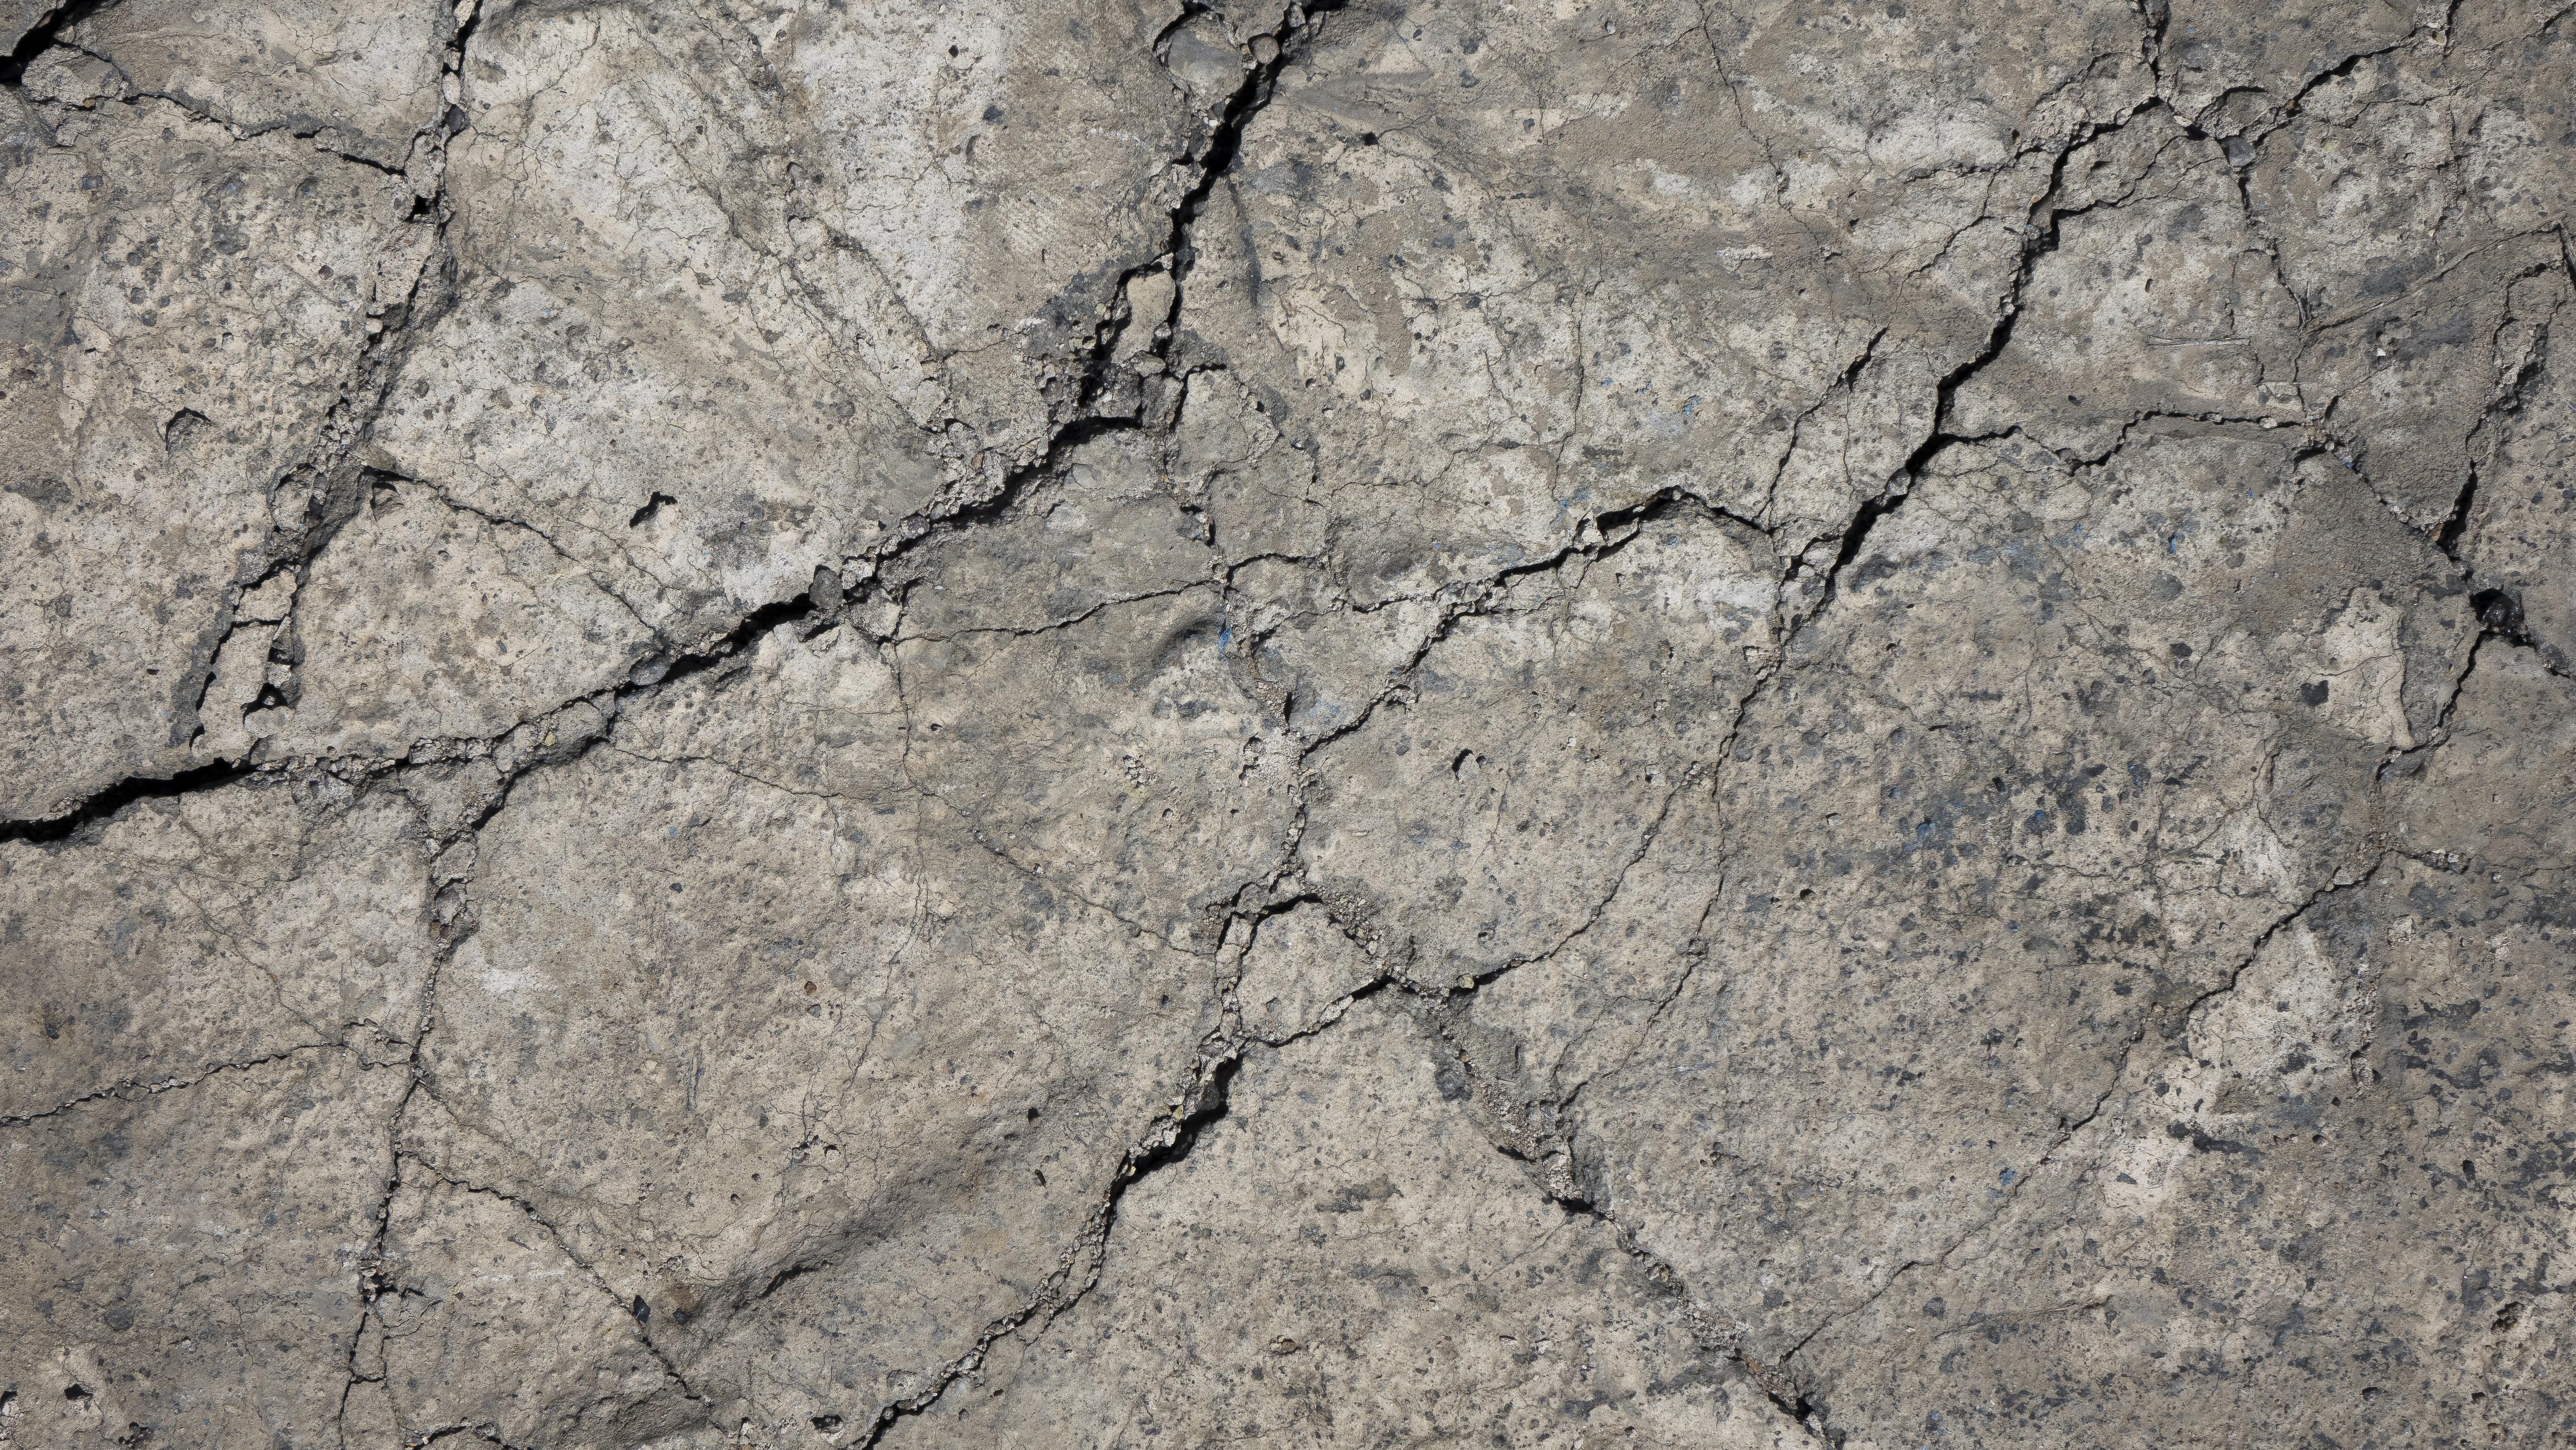 Free Images : rock, texture, floor, asphalt, pavement ...